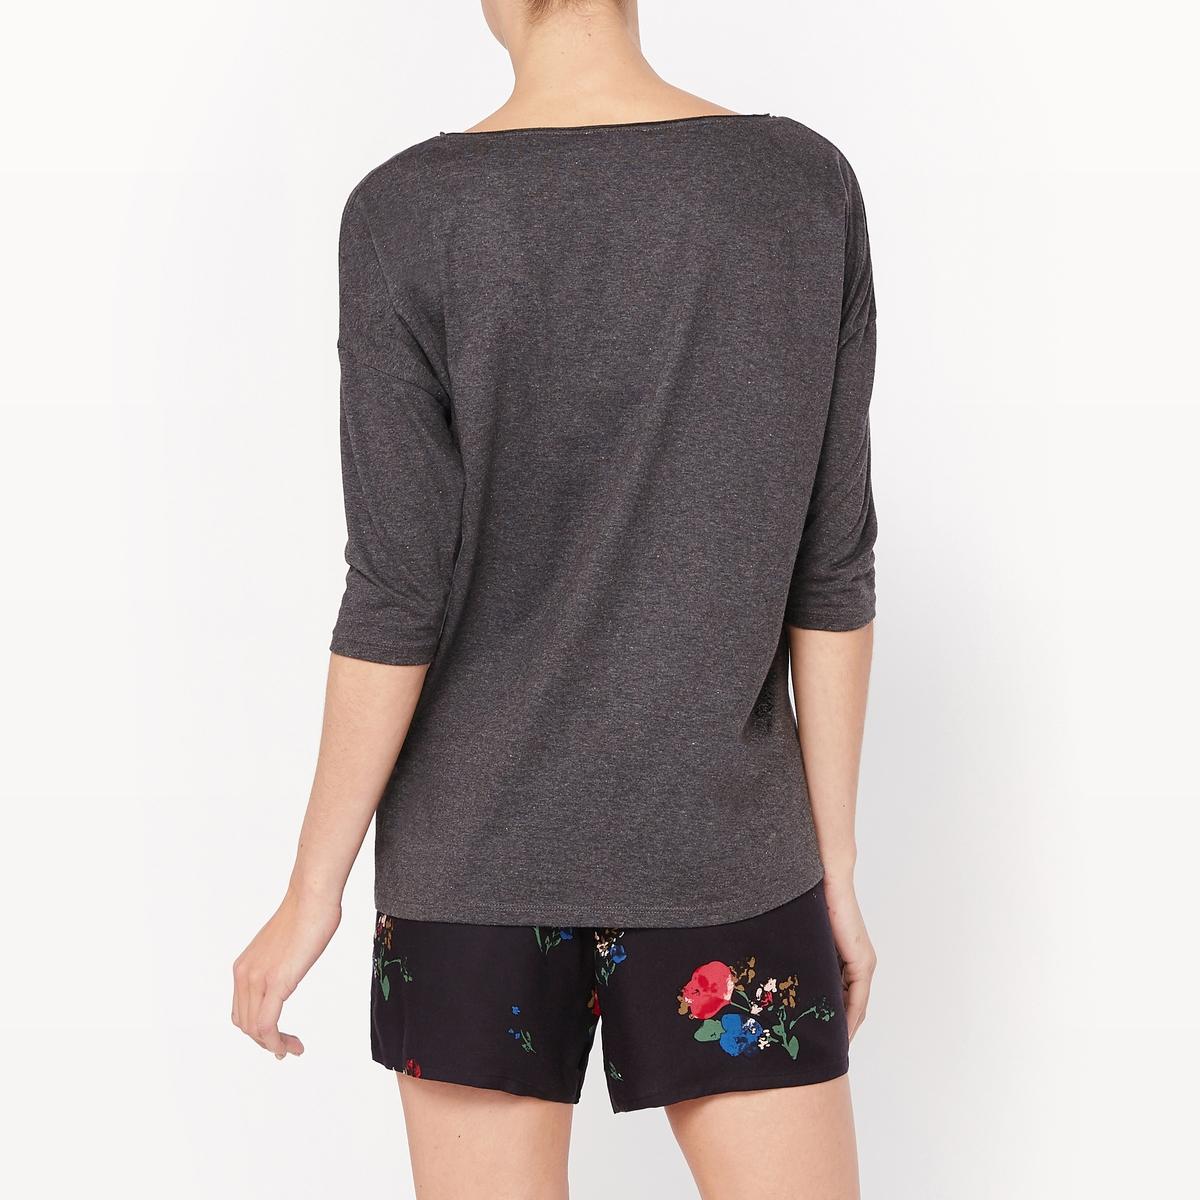 Пижама с шортами с рукавами 3/4Пижама с шортами. Футболка однотонного цвета из меланжевого трикотажа, вырез-лодочка. Приспущенные проймы, рукава 3/4. Шорты с цветочным рисунком, эластичный пояс.Состав и описание :Материал : футболка, 53% полиэстера, 47% хлопкаМатериал : шорты, 100% вискозаДлина : футболка 65 смДлина по внутр.шву : 6 смУход :Машинная стирка при 30 °C.Стирать с вещами схожих цветов.Гладить с изнаночной стороны.<br><br>Цвет: цветочный рисунок